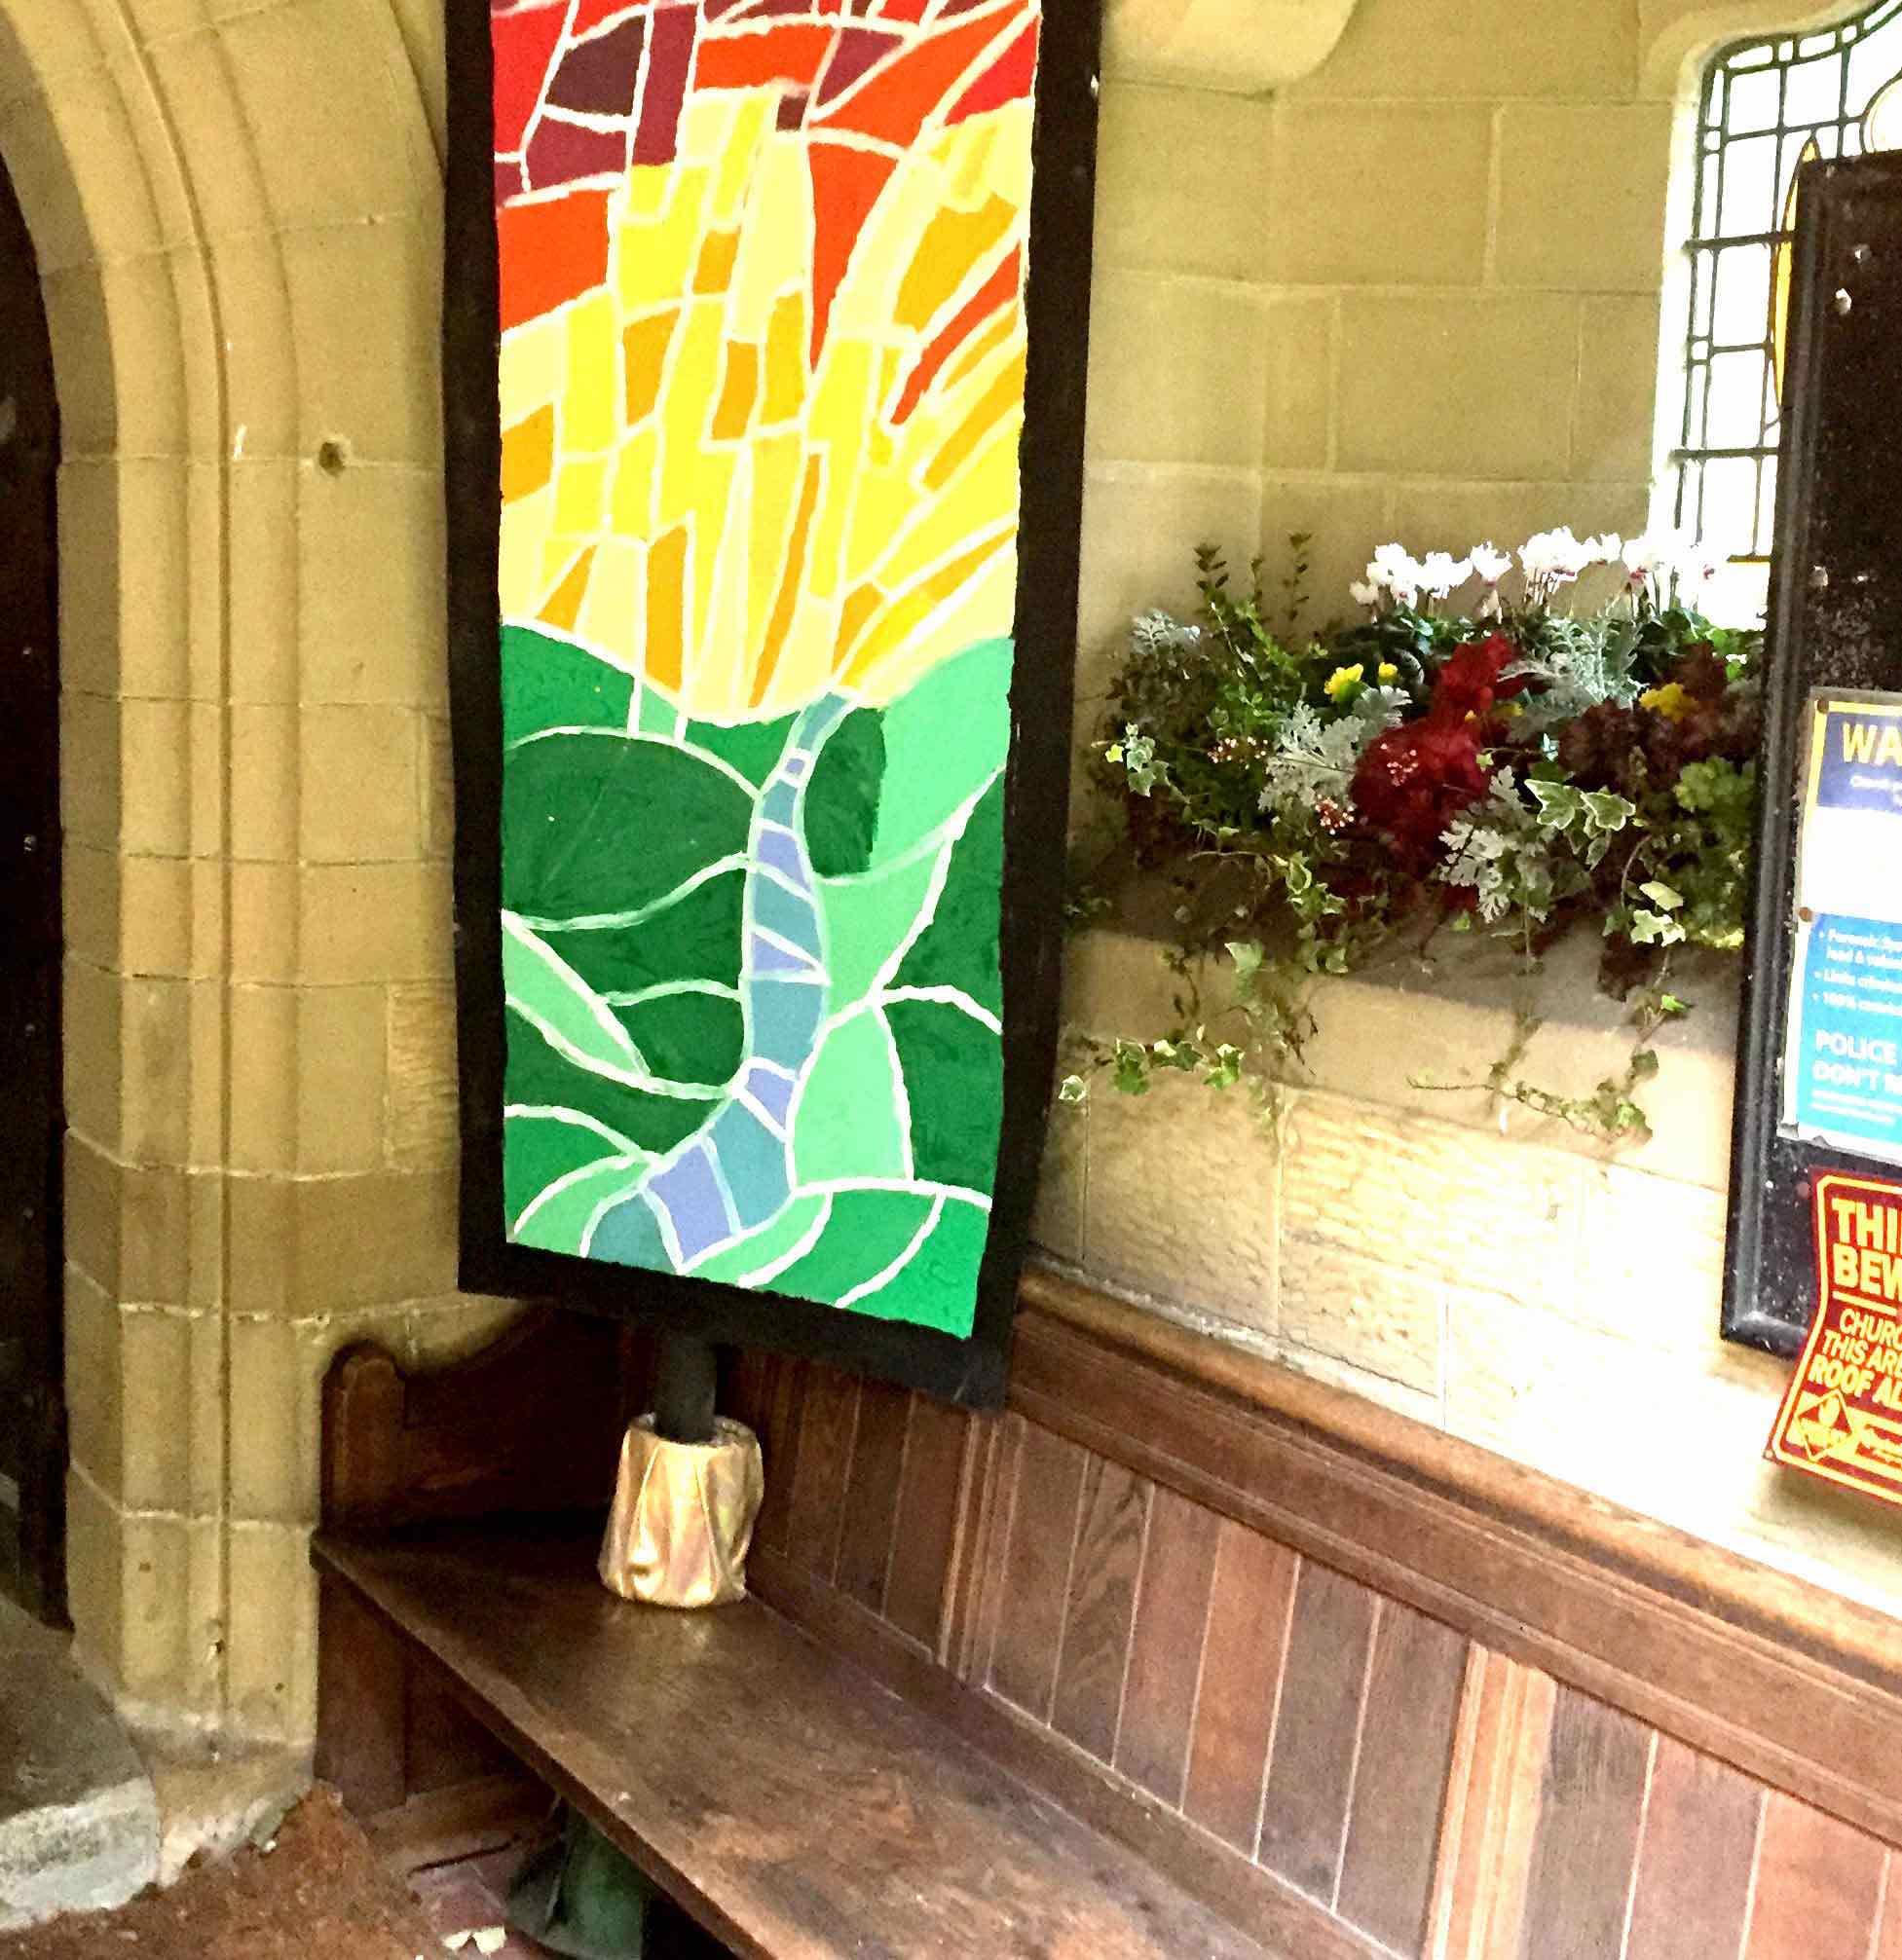 Window display in the Church